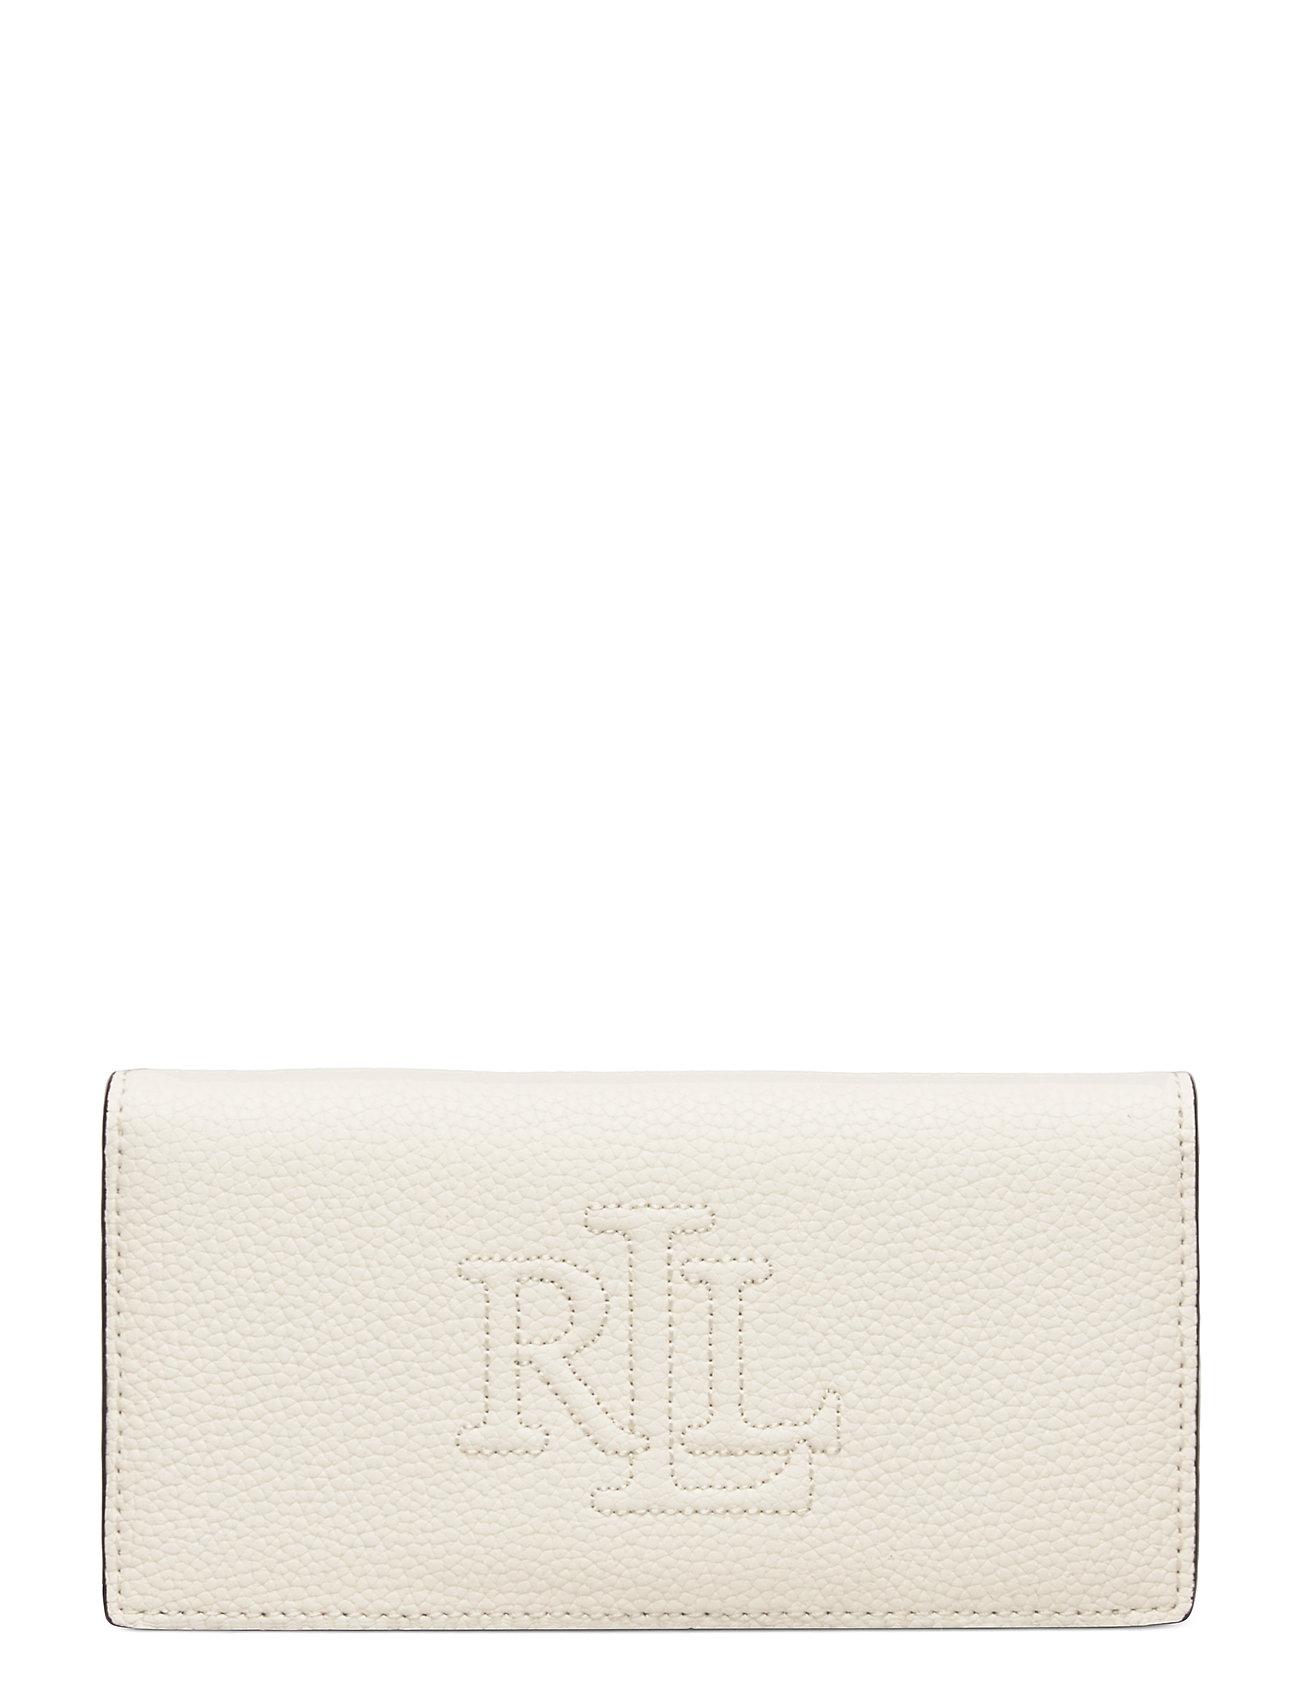 Lauren Ralph Lauren Slim Pebbled Leather Wallet - VANILLA